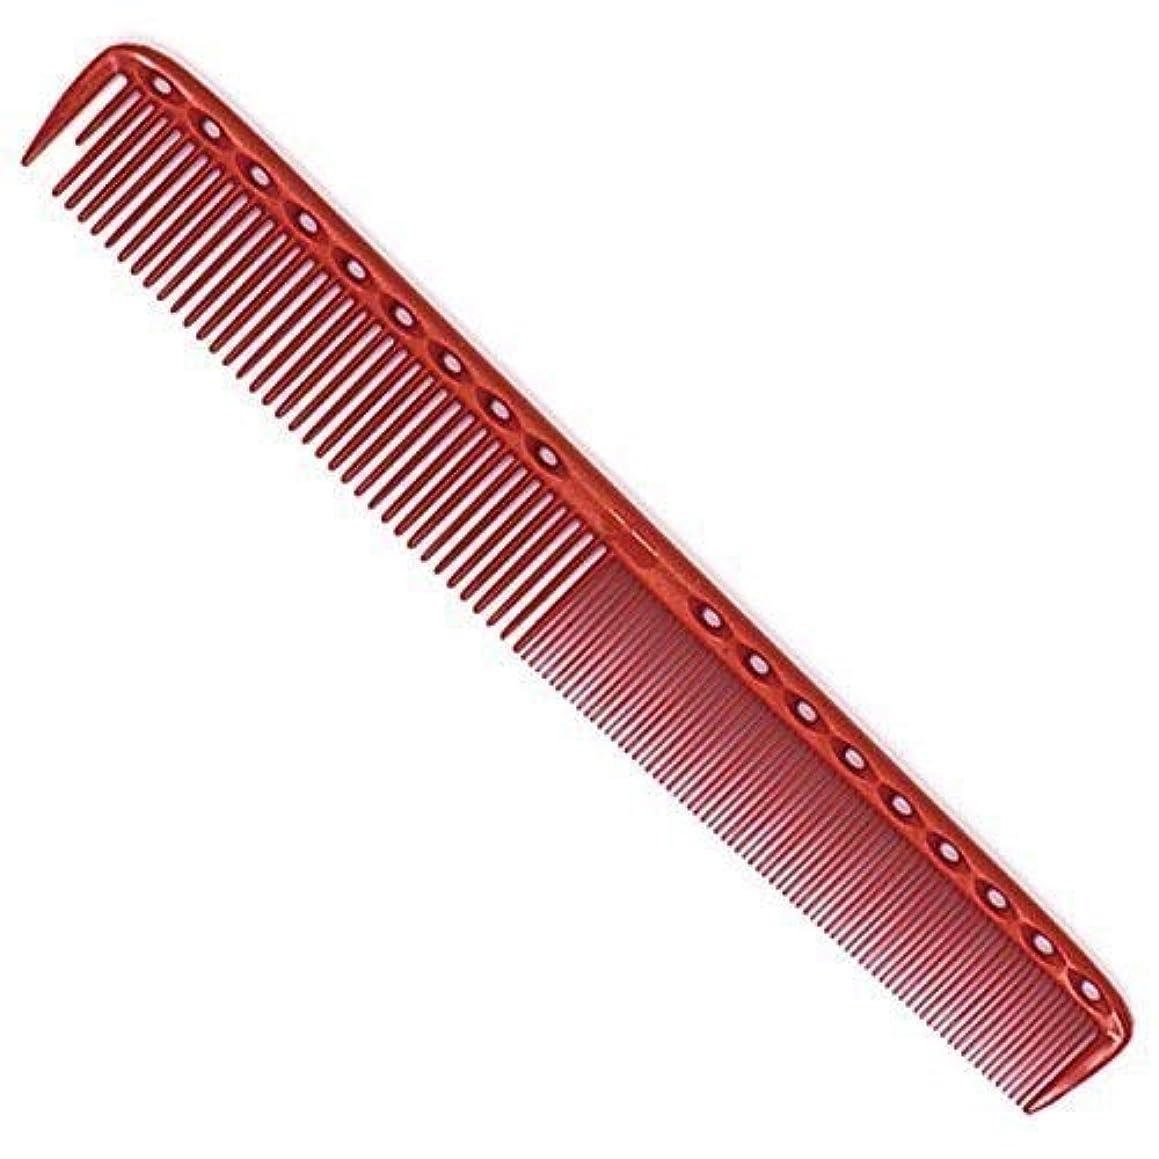 第五放散する安全性YS Park 335 Extra Long Fine Cutting Comb 8.5